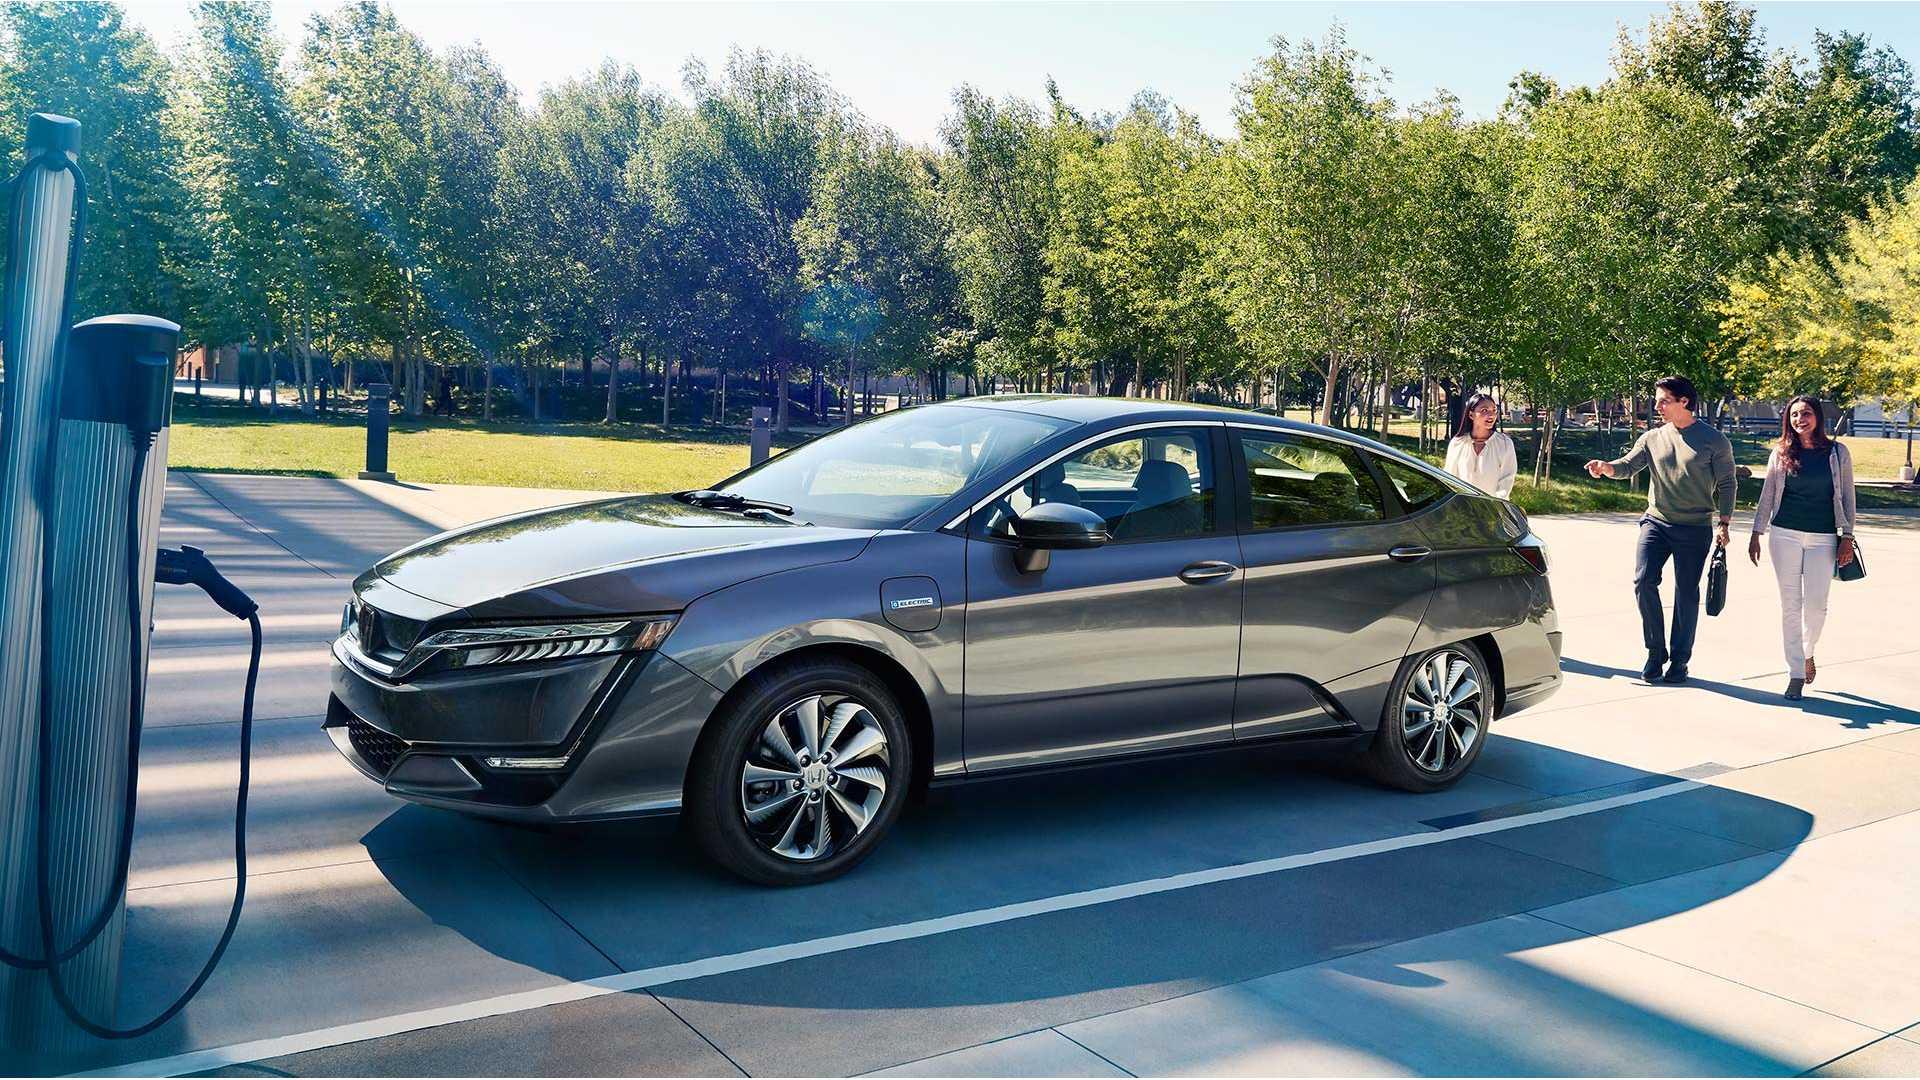 hybrid, plugin hybrid, dobíjanie hybridu, elektrické vozidlá, hybridné vozidlo vs elektrické auto, rodinné auto, nabíjacia stanica